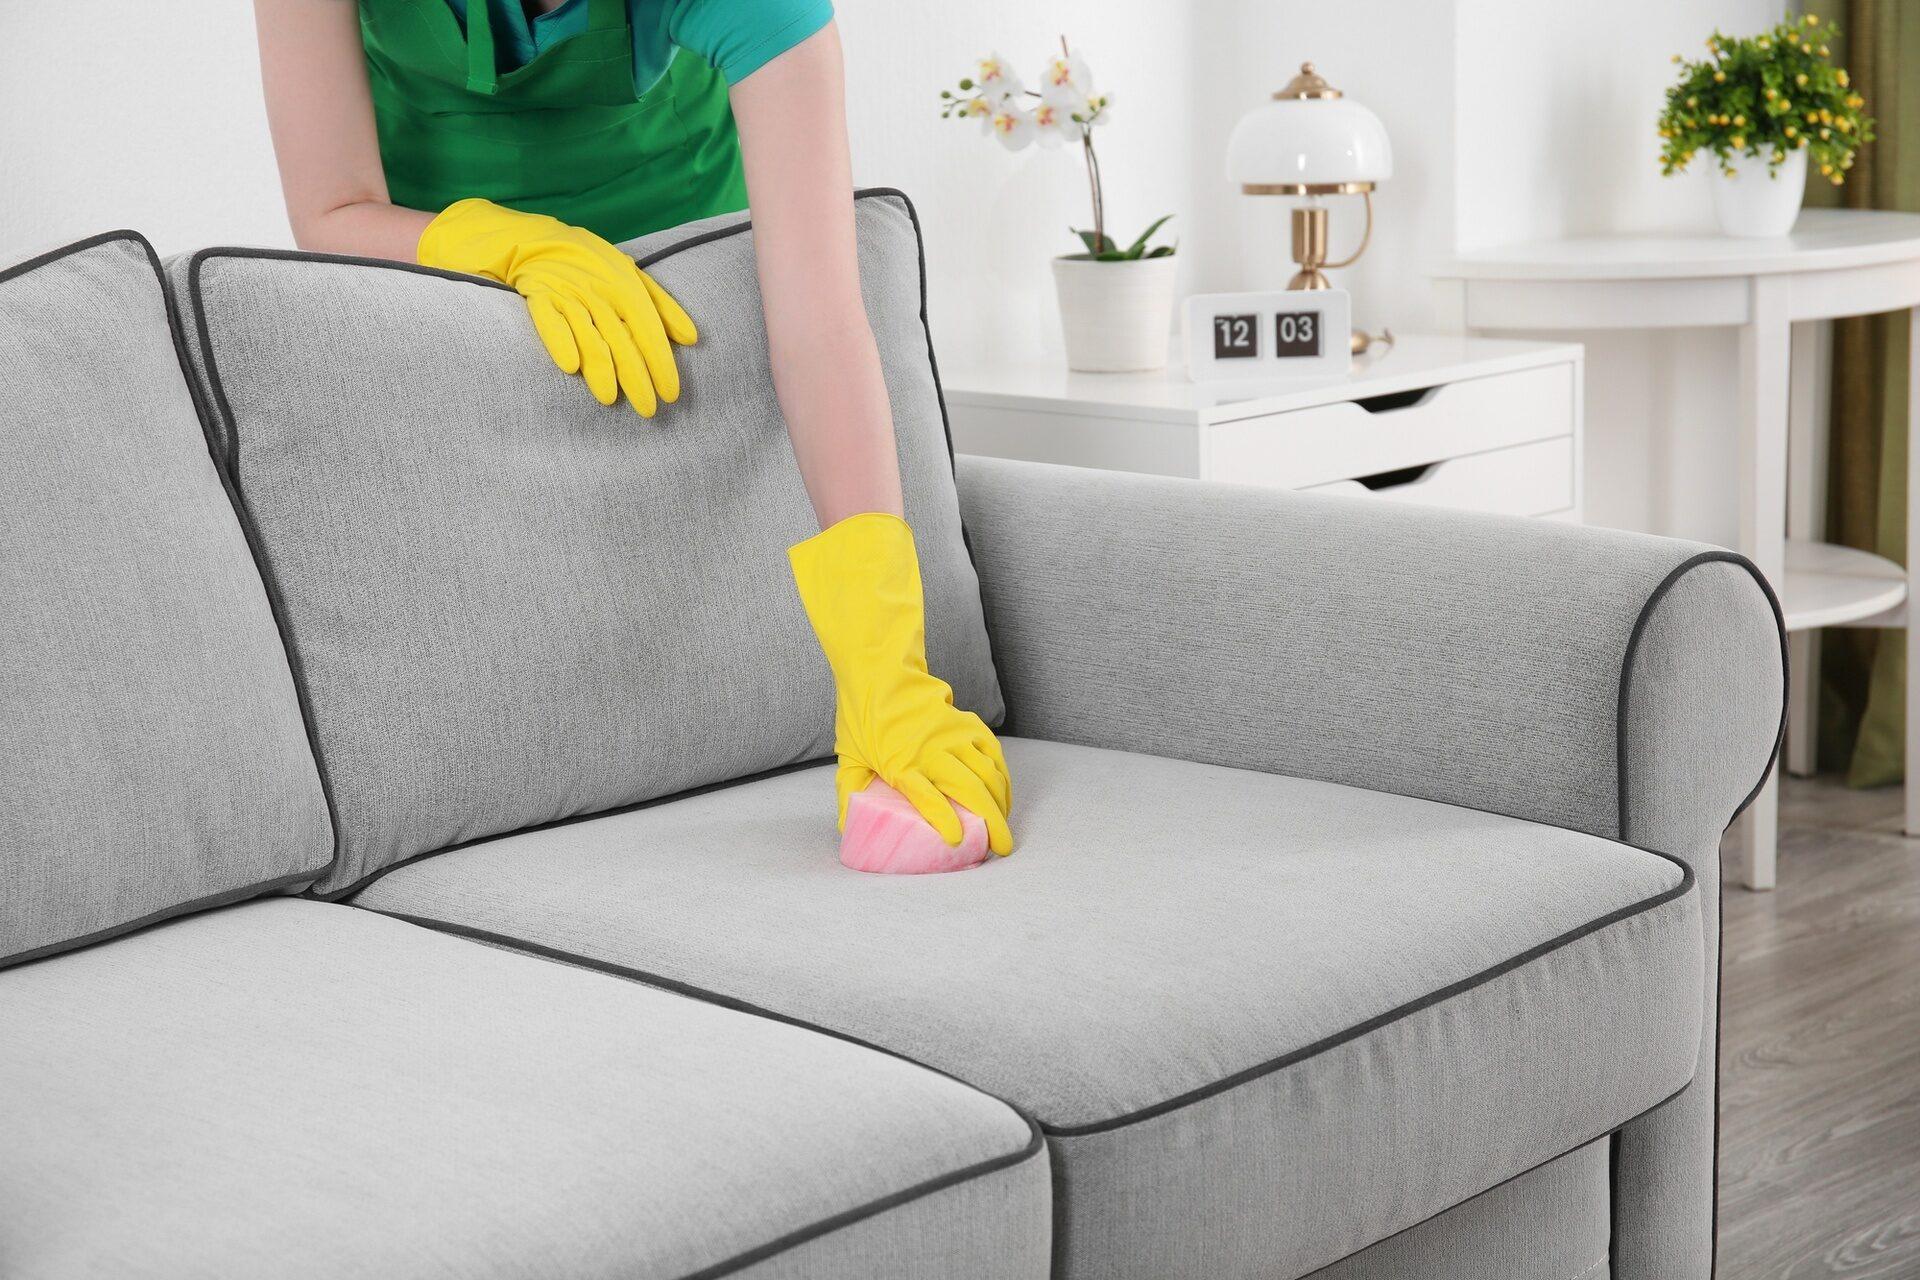 Как очистить пятна с мягкой мебели фото